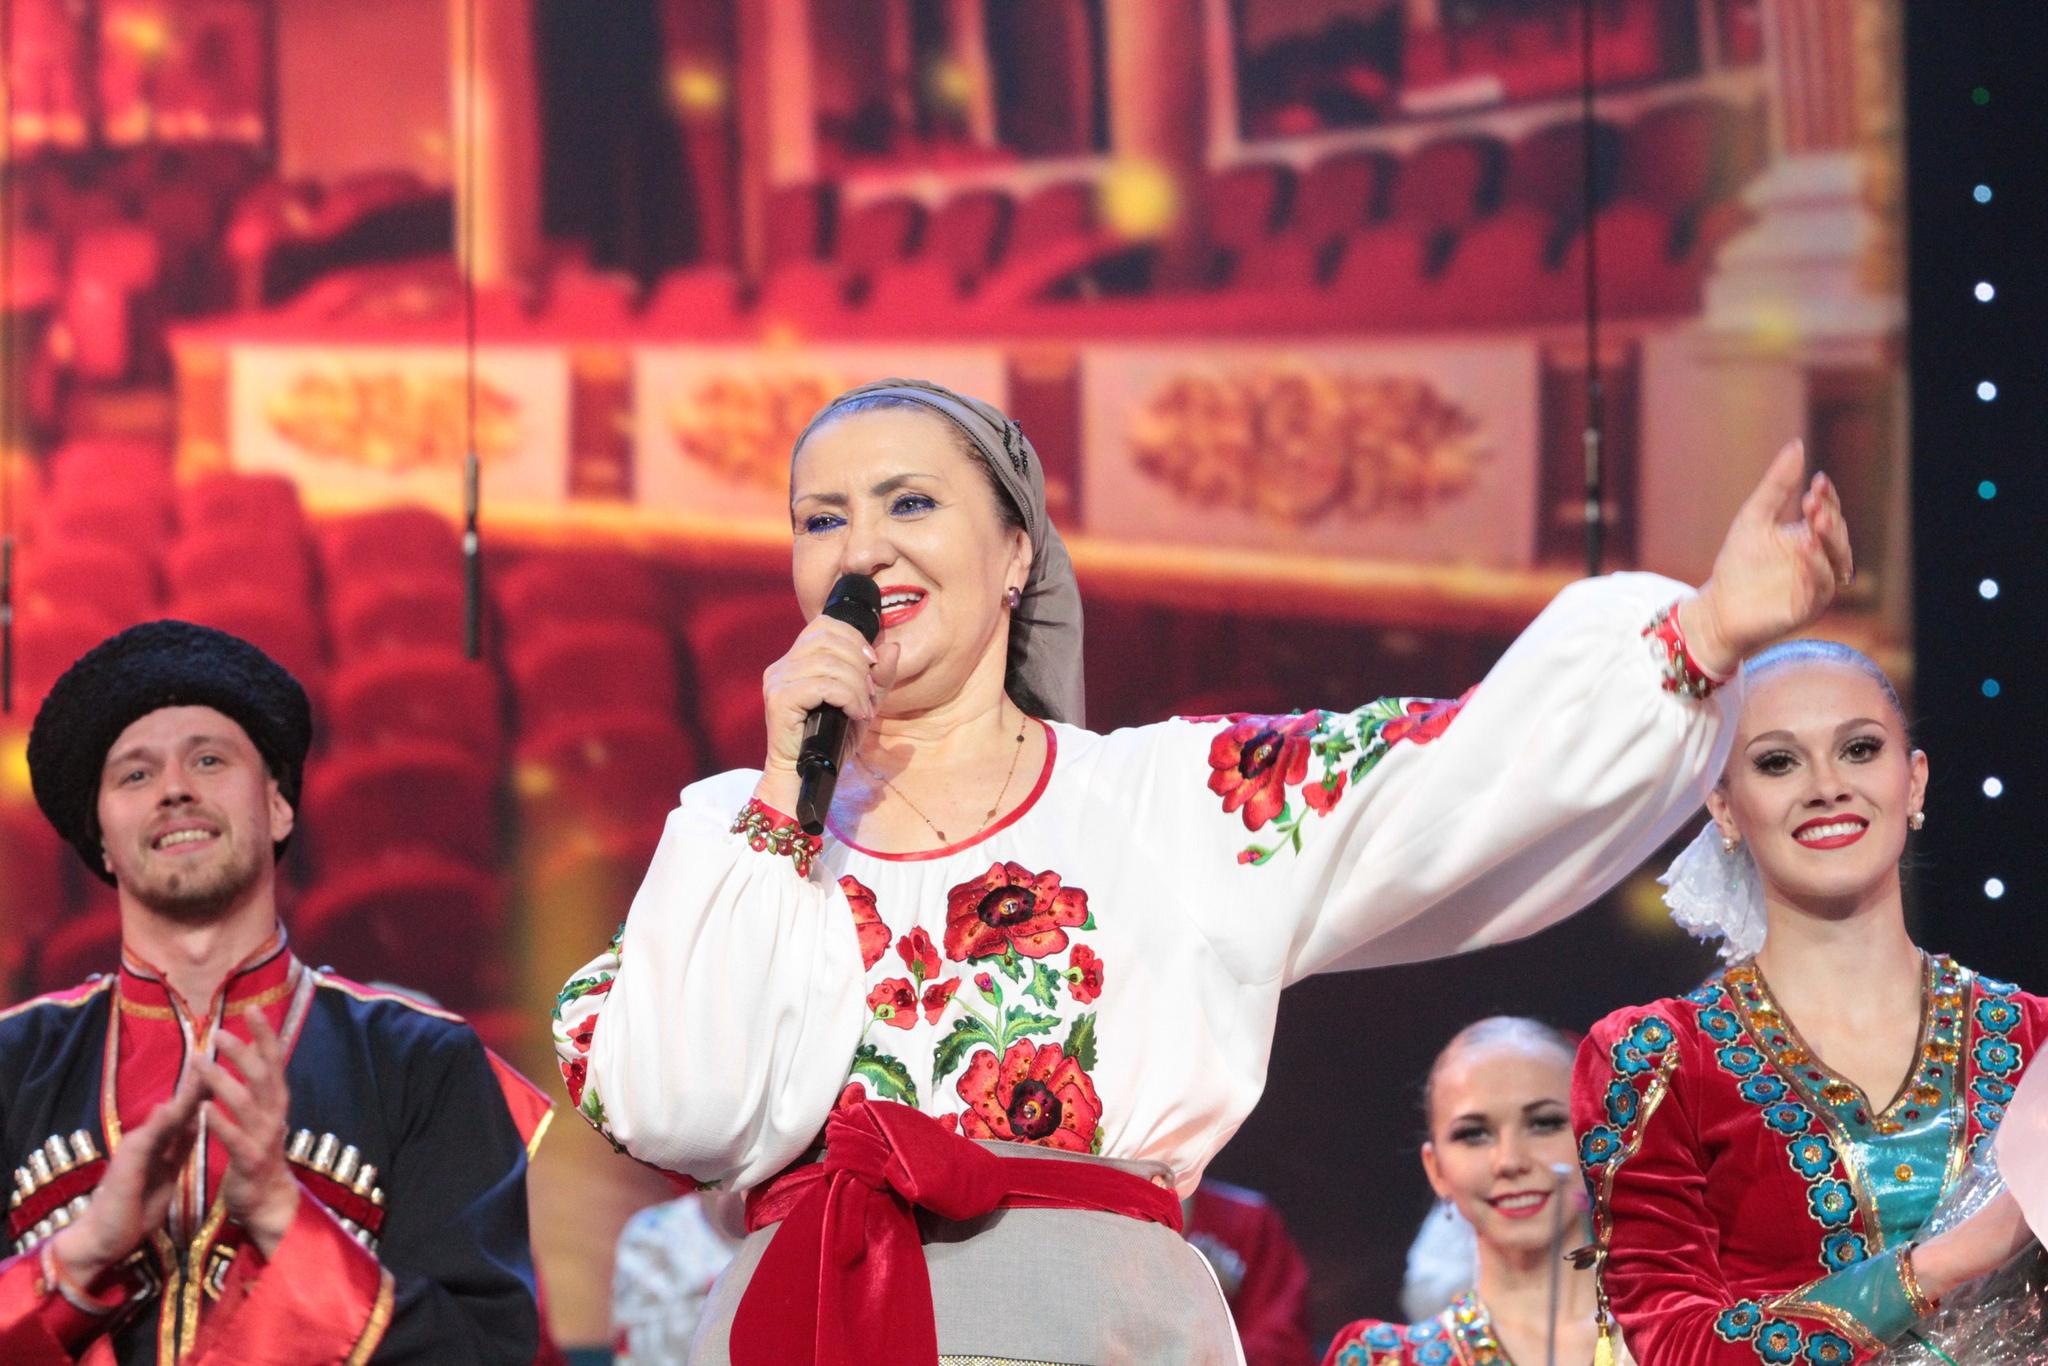 уход термобельем концерты в краснодаре в 2017 году афиша современное функциональное